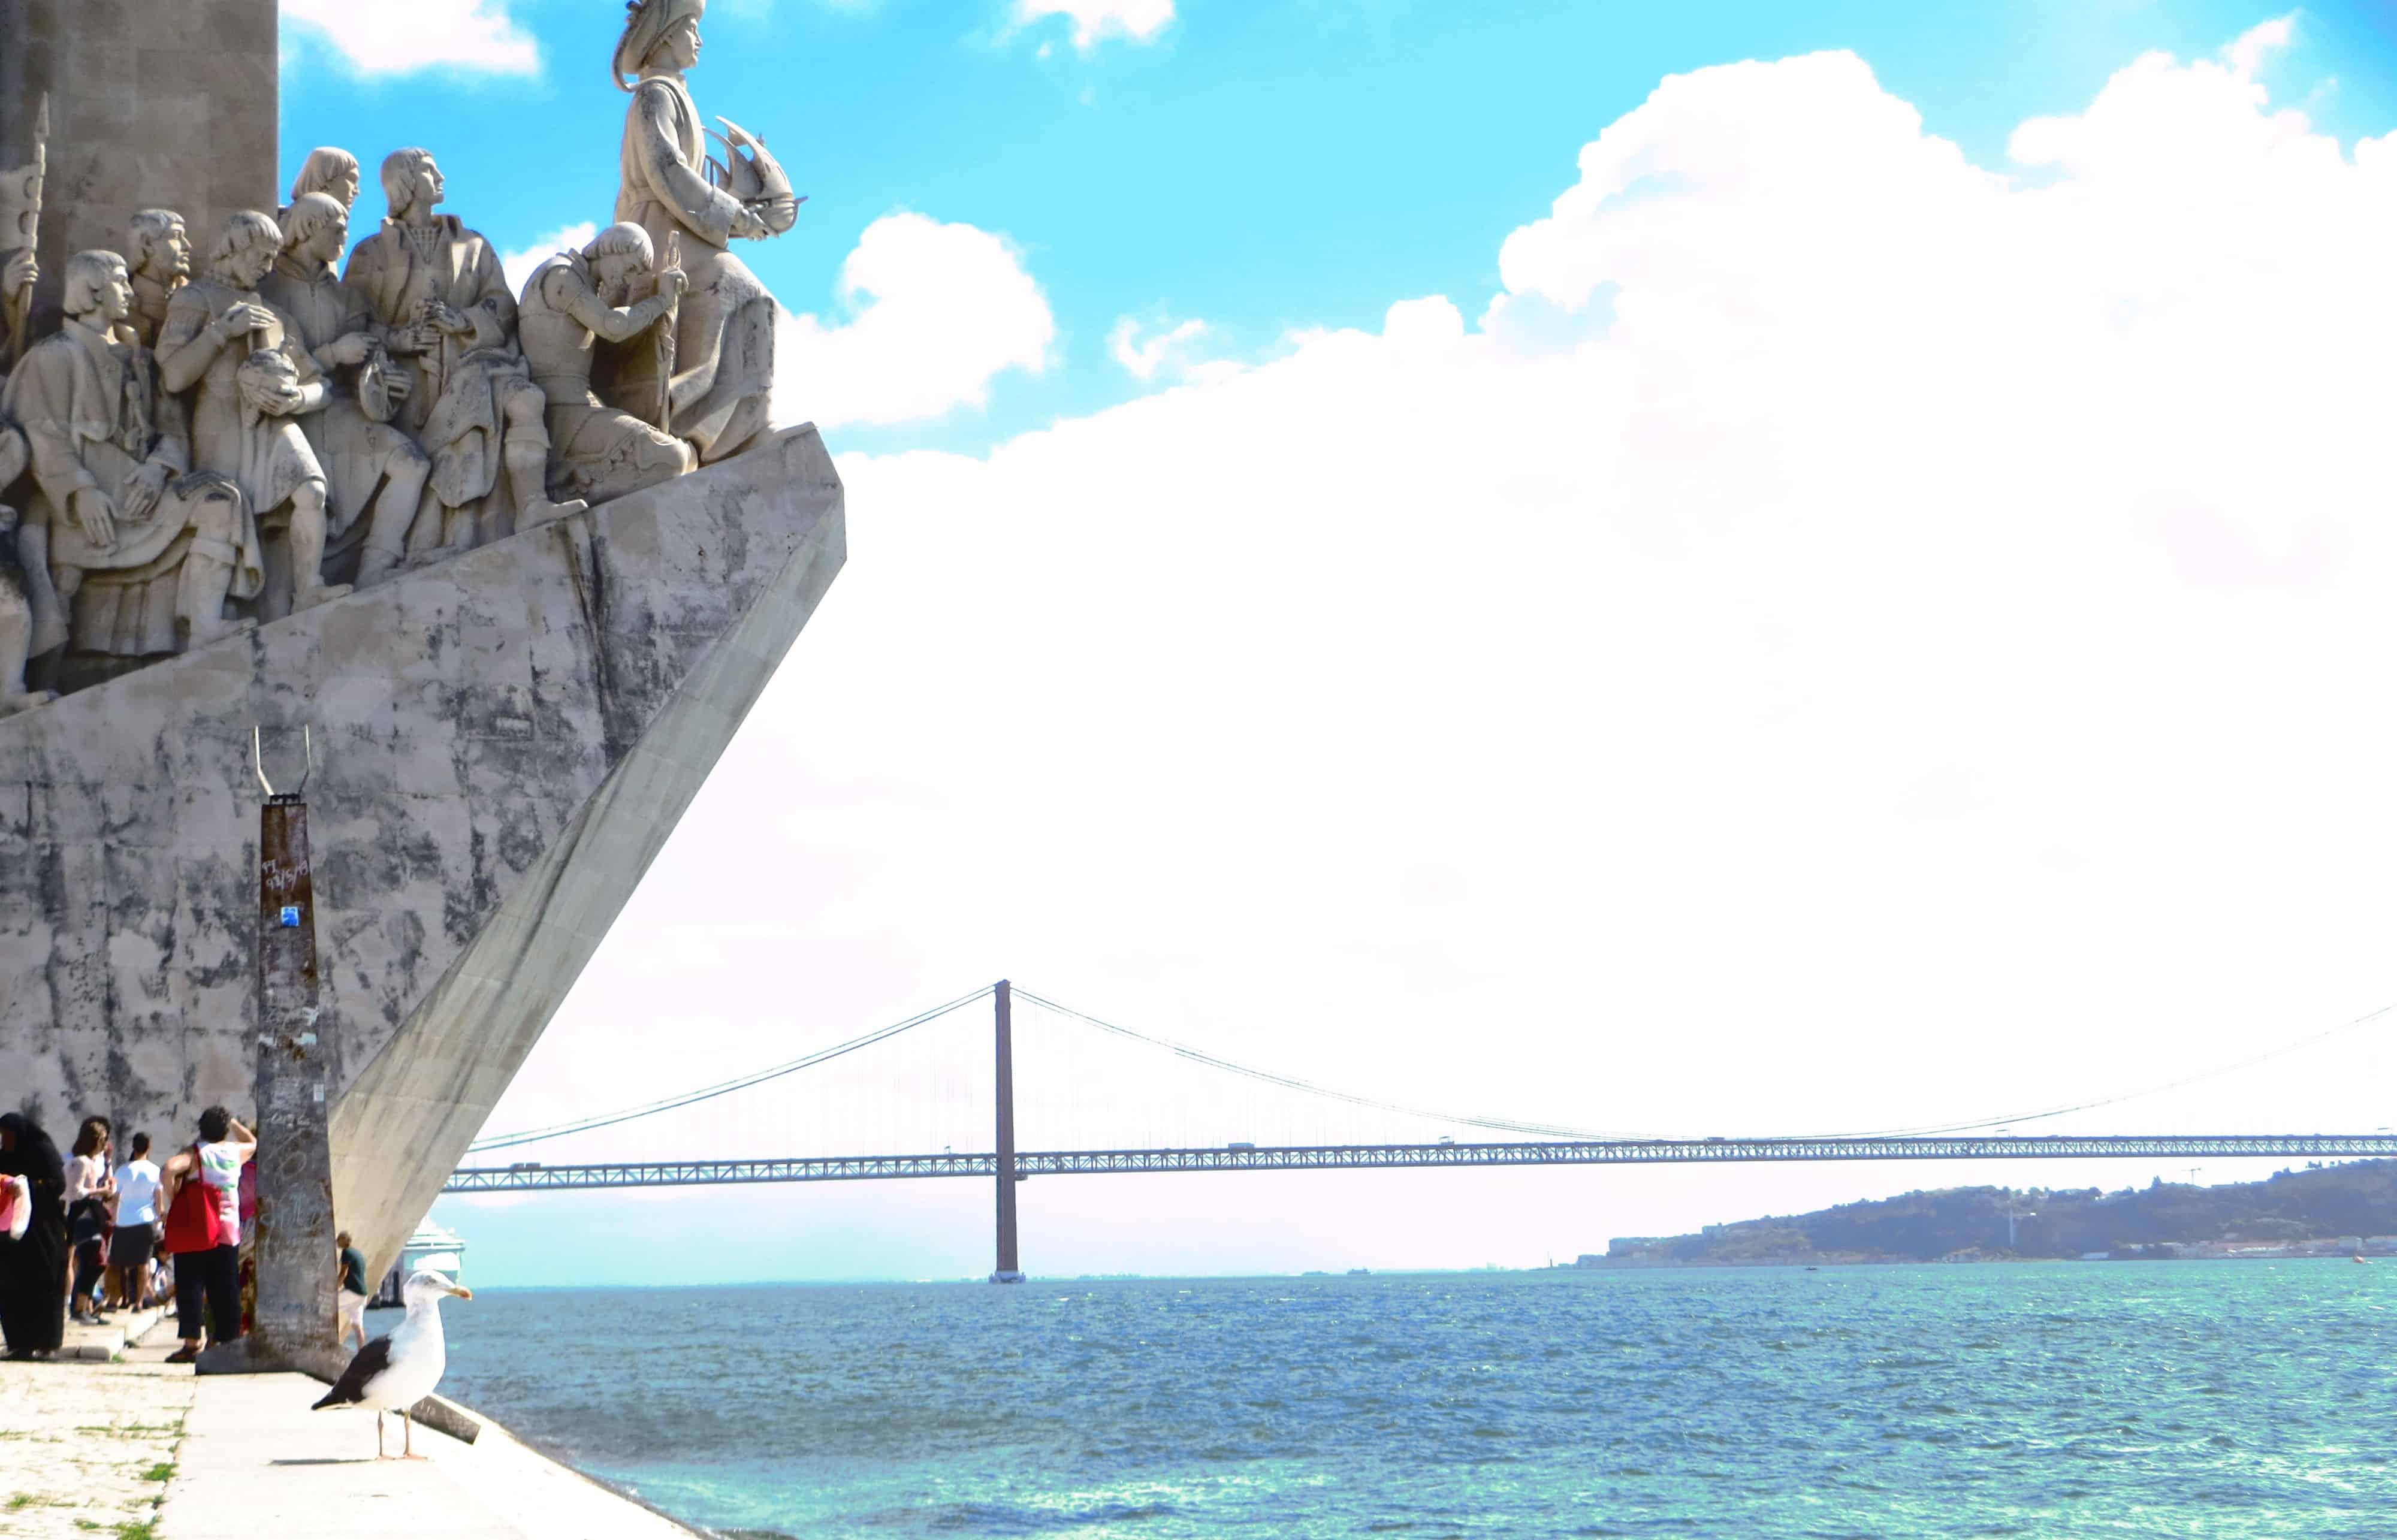 00_Padrao-dos-Descobrimentos-Denkmal-der-Entdeckungen-und-Hangebruecke-Belem-Citytrip-Lissabon-Portugal